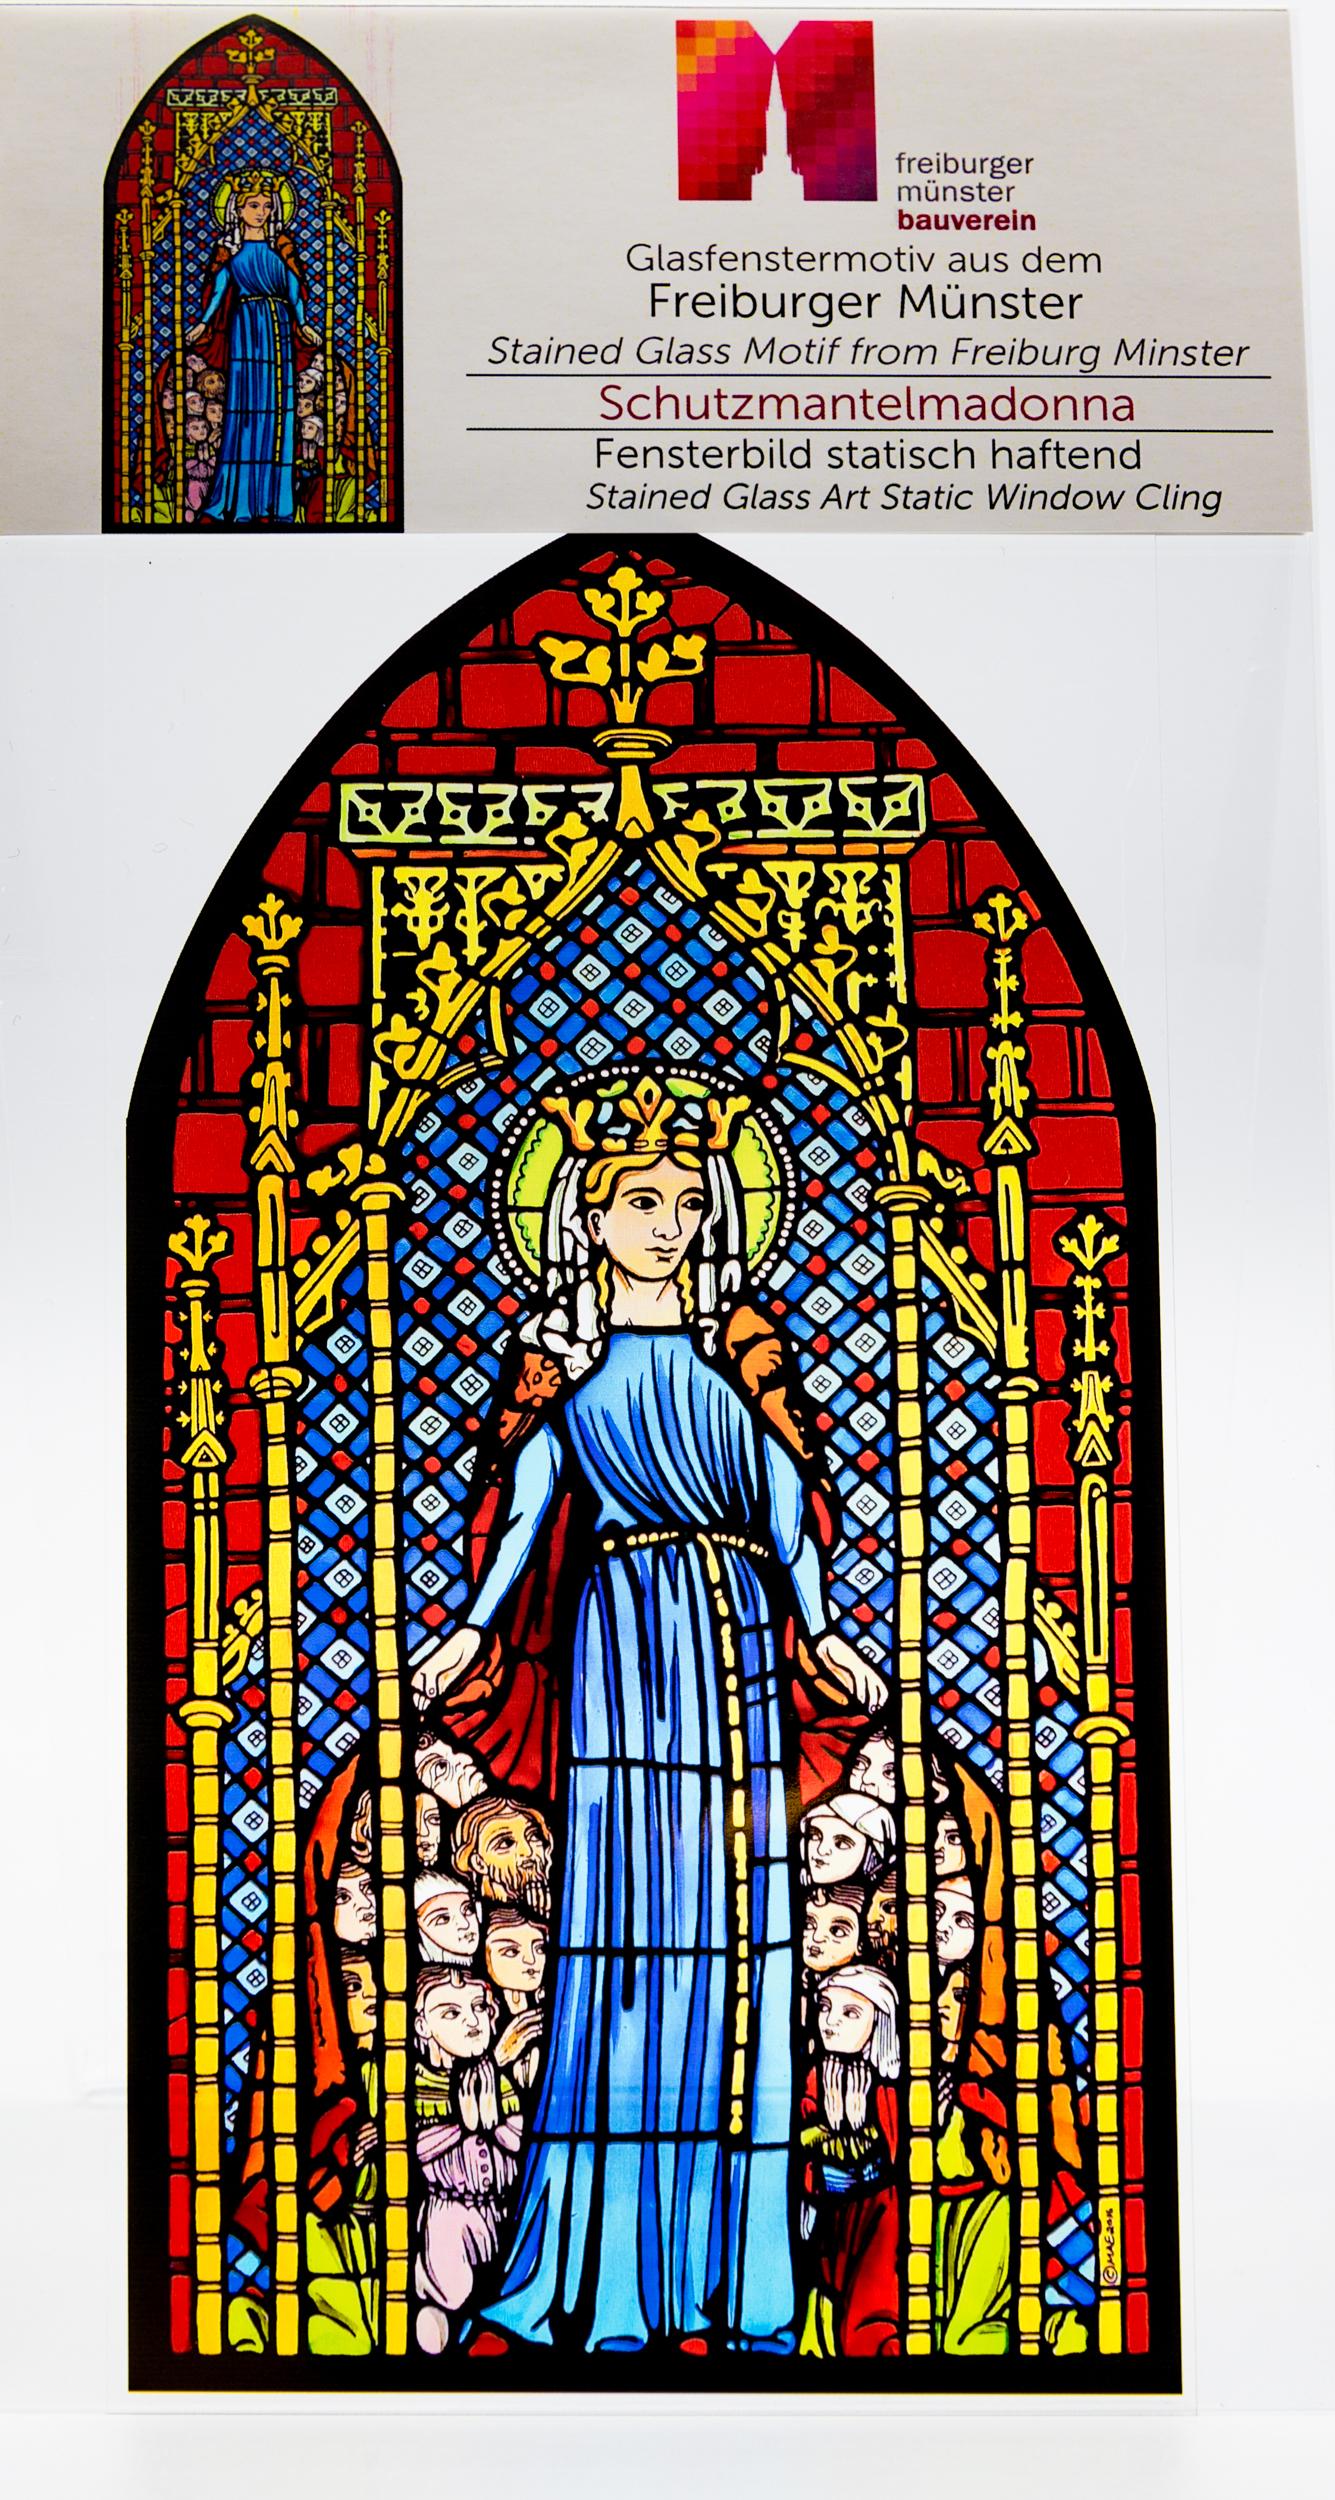 Münsterladen Freiburg Glasmalerei Fensterfolie Schutzmantelmadonna